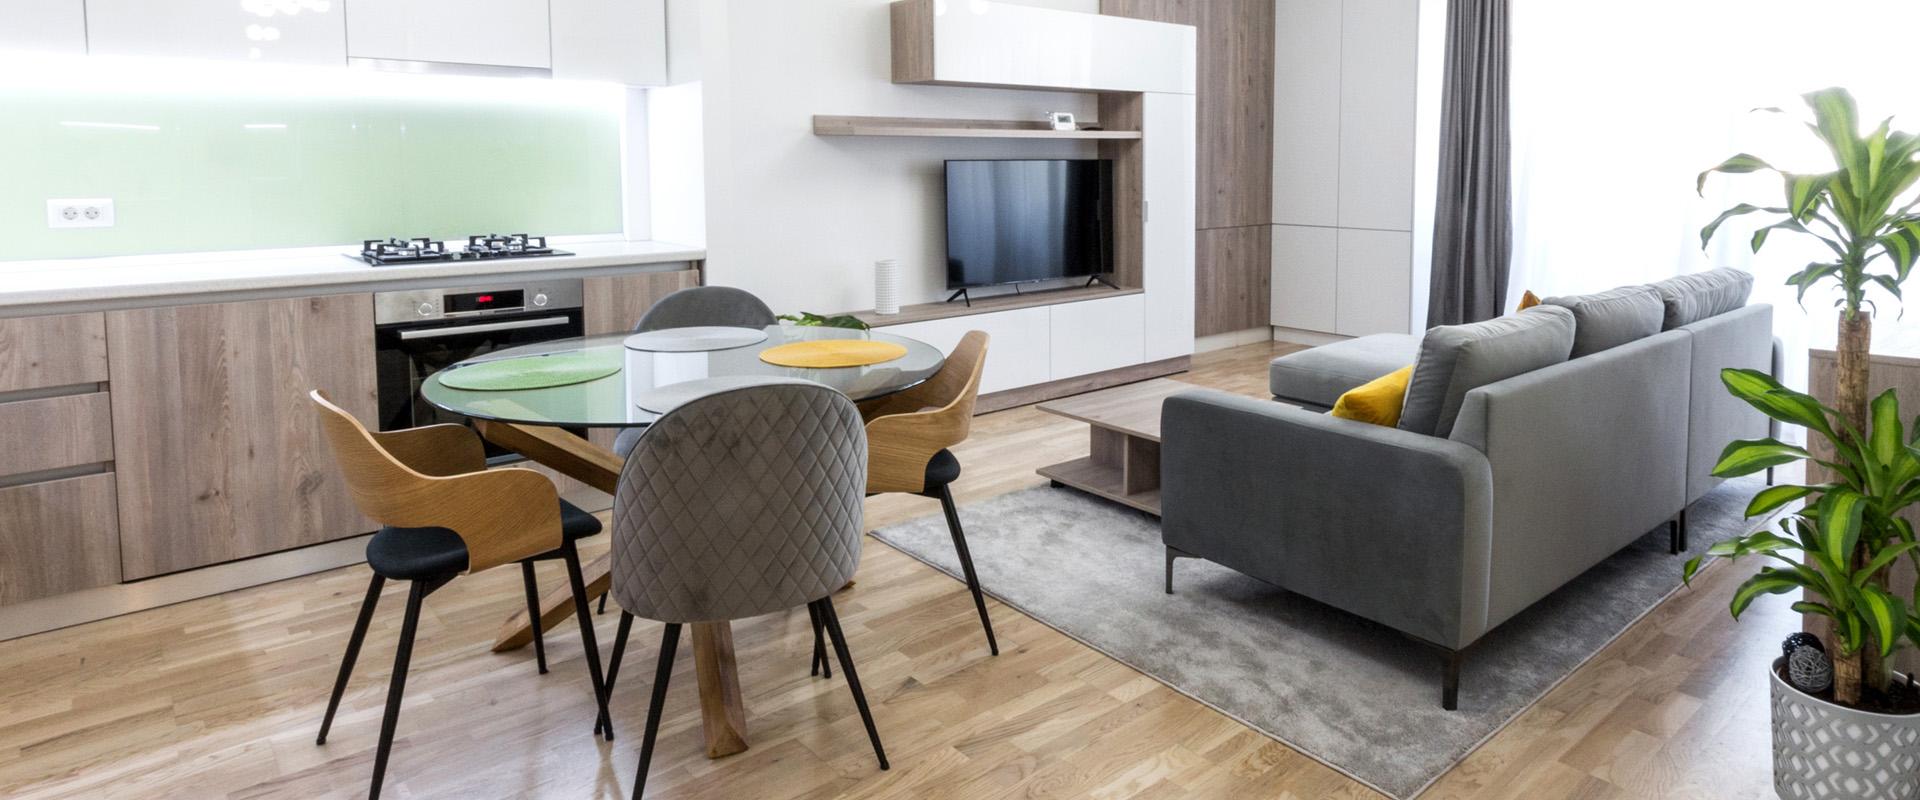 Inchiriere apartament 2 camere   Vedere Est, Premium   102 The Address [ID: 1198460]